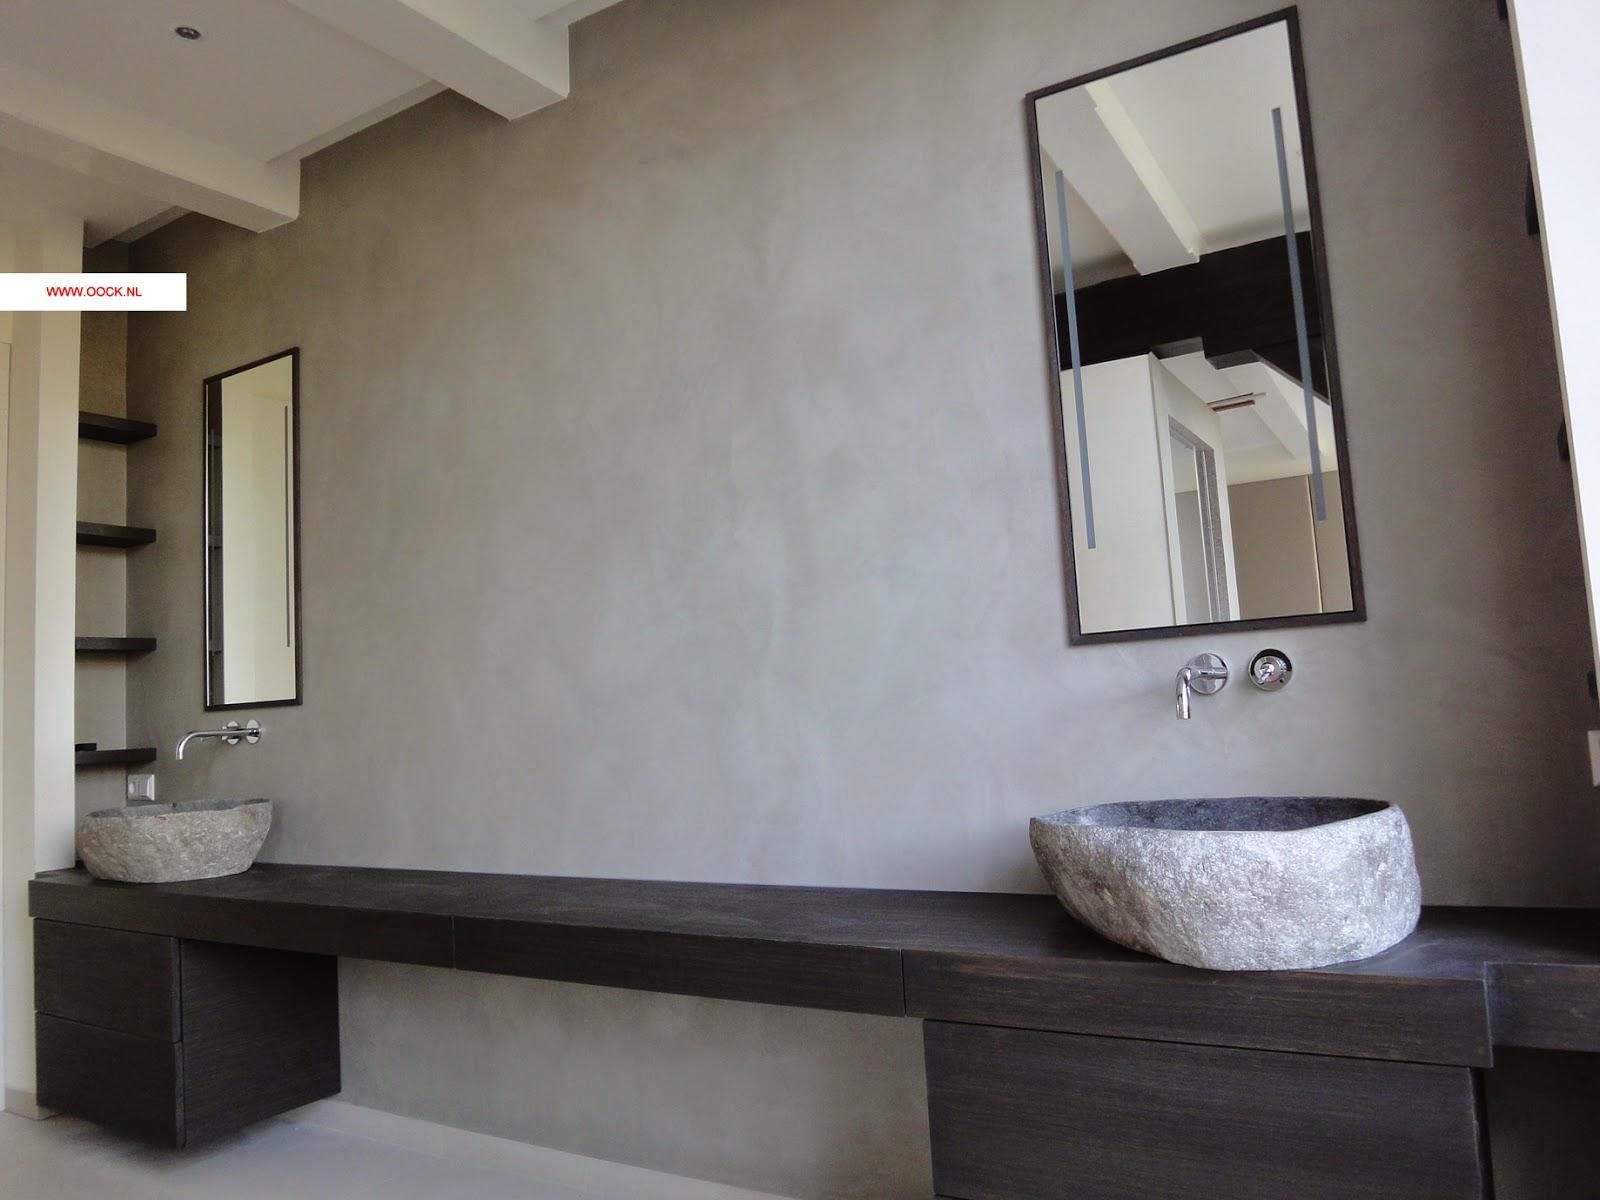 Handdoekenkast Badkamer